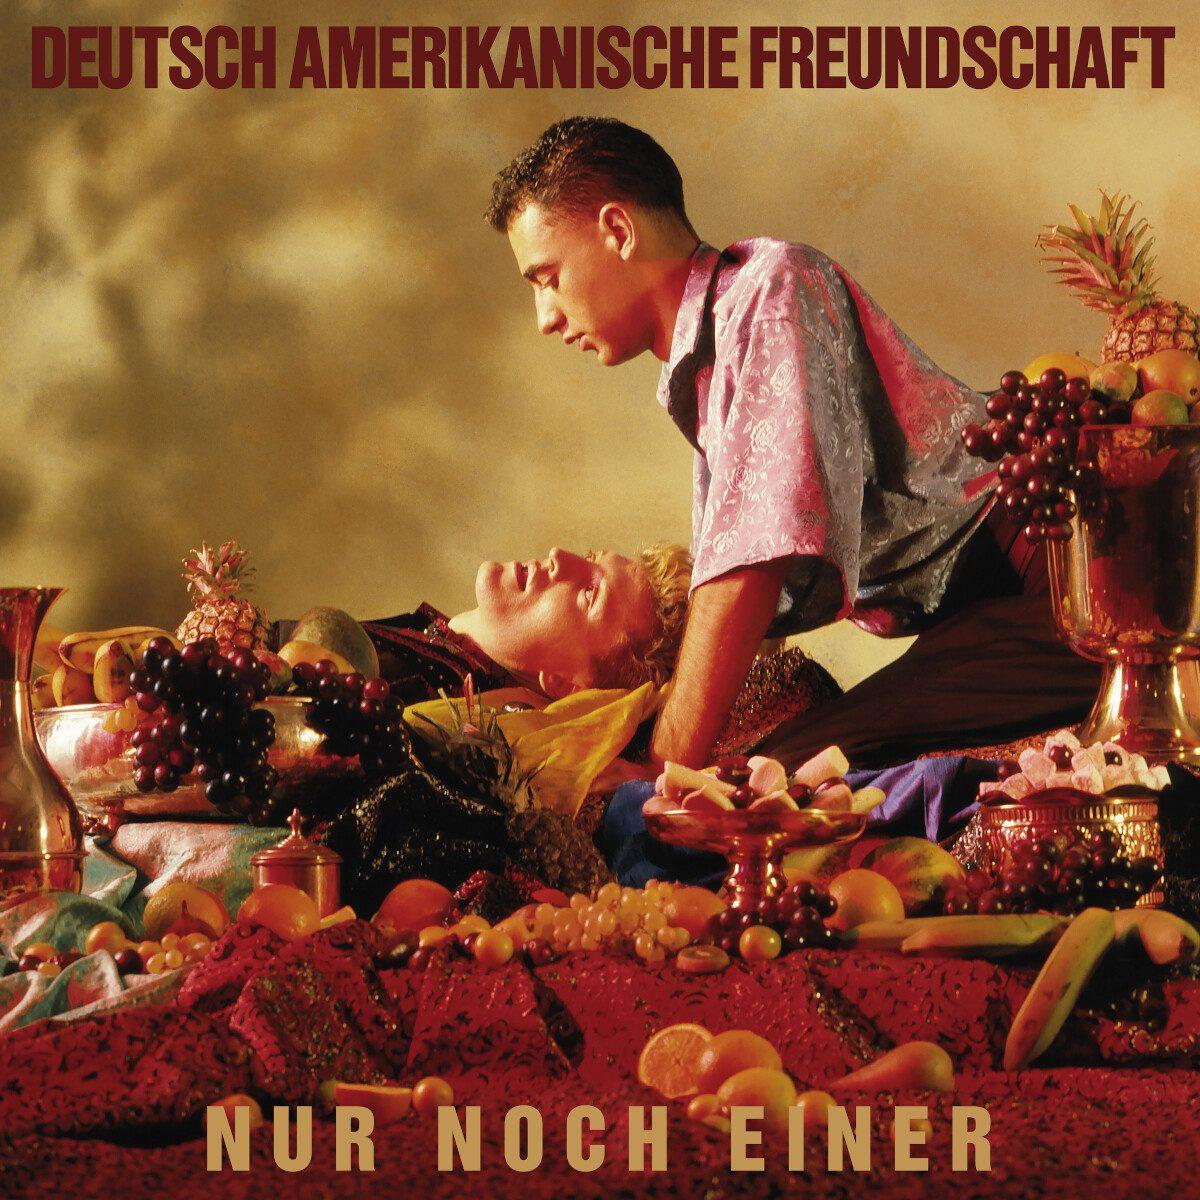 New DAF album 'Nur Noch Einer' to be released